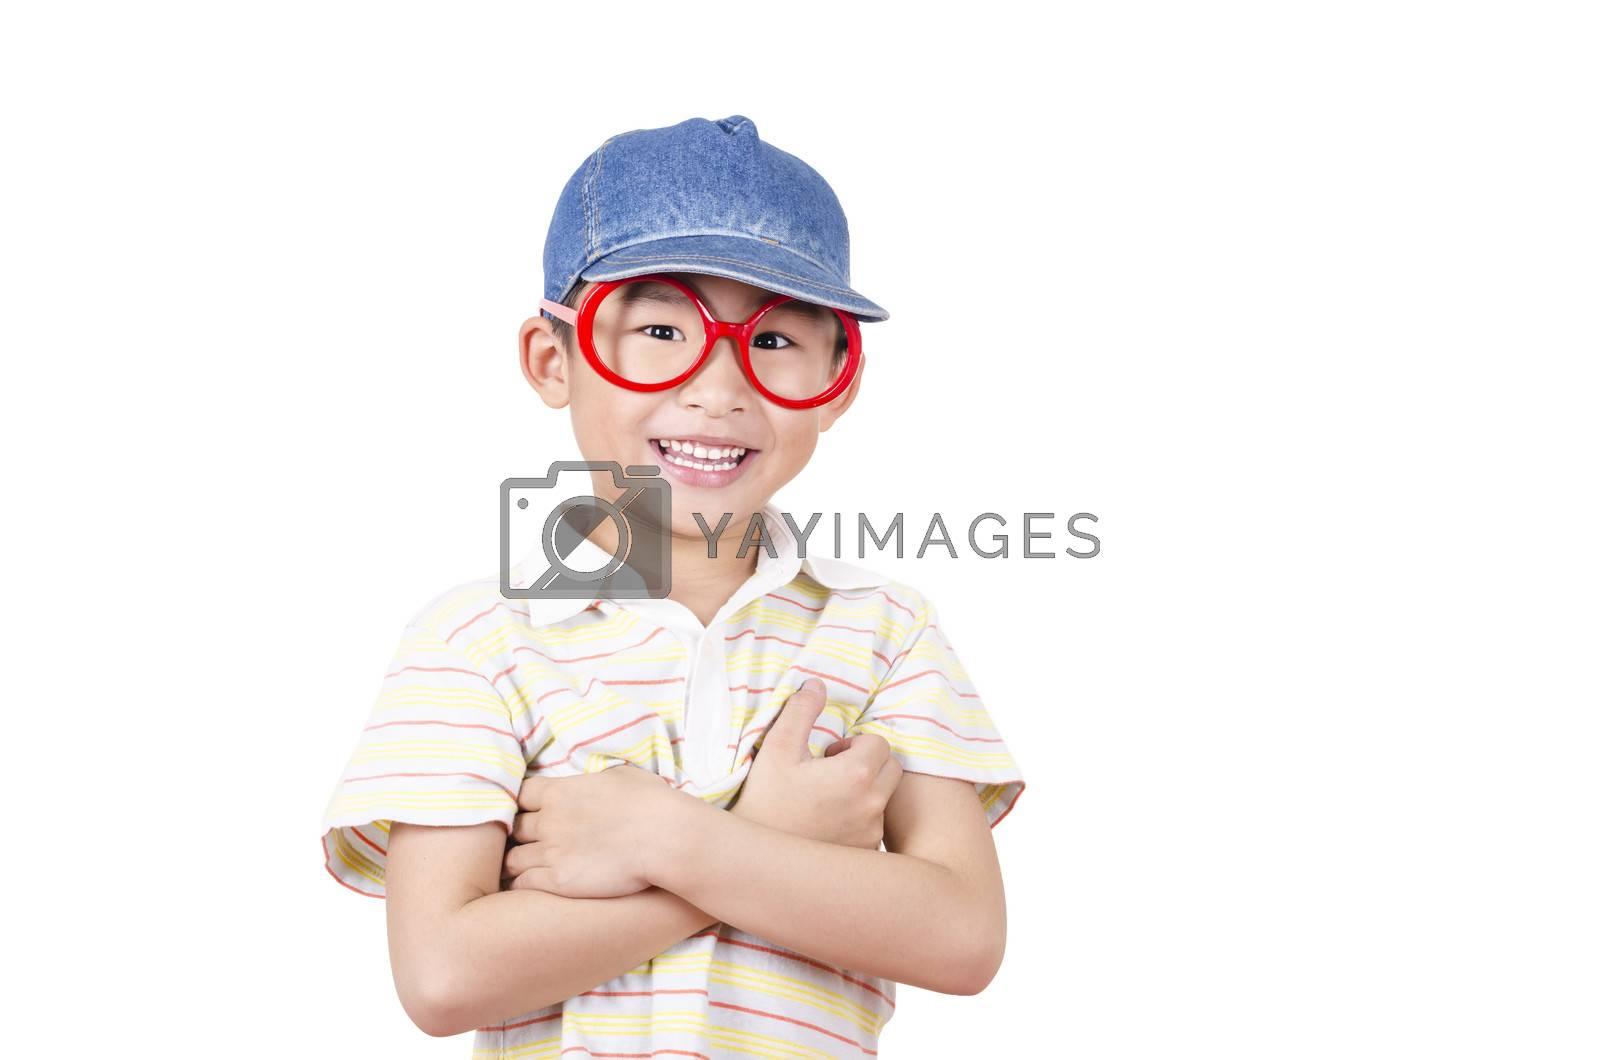 Royalty free image of Cute little boy arm folded by FrankyLiu